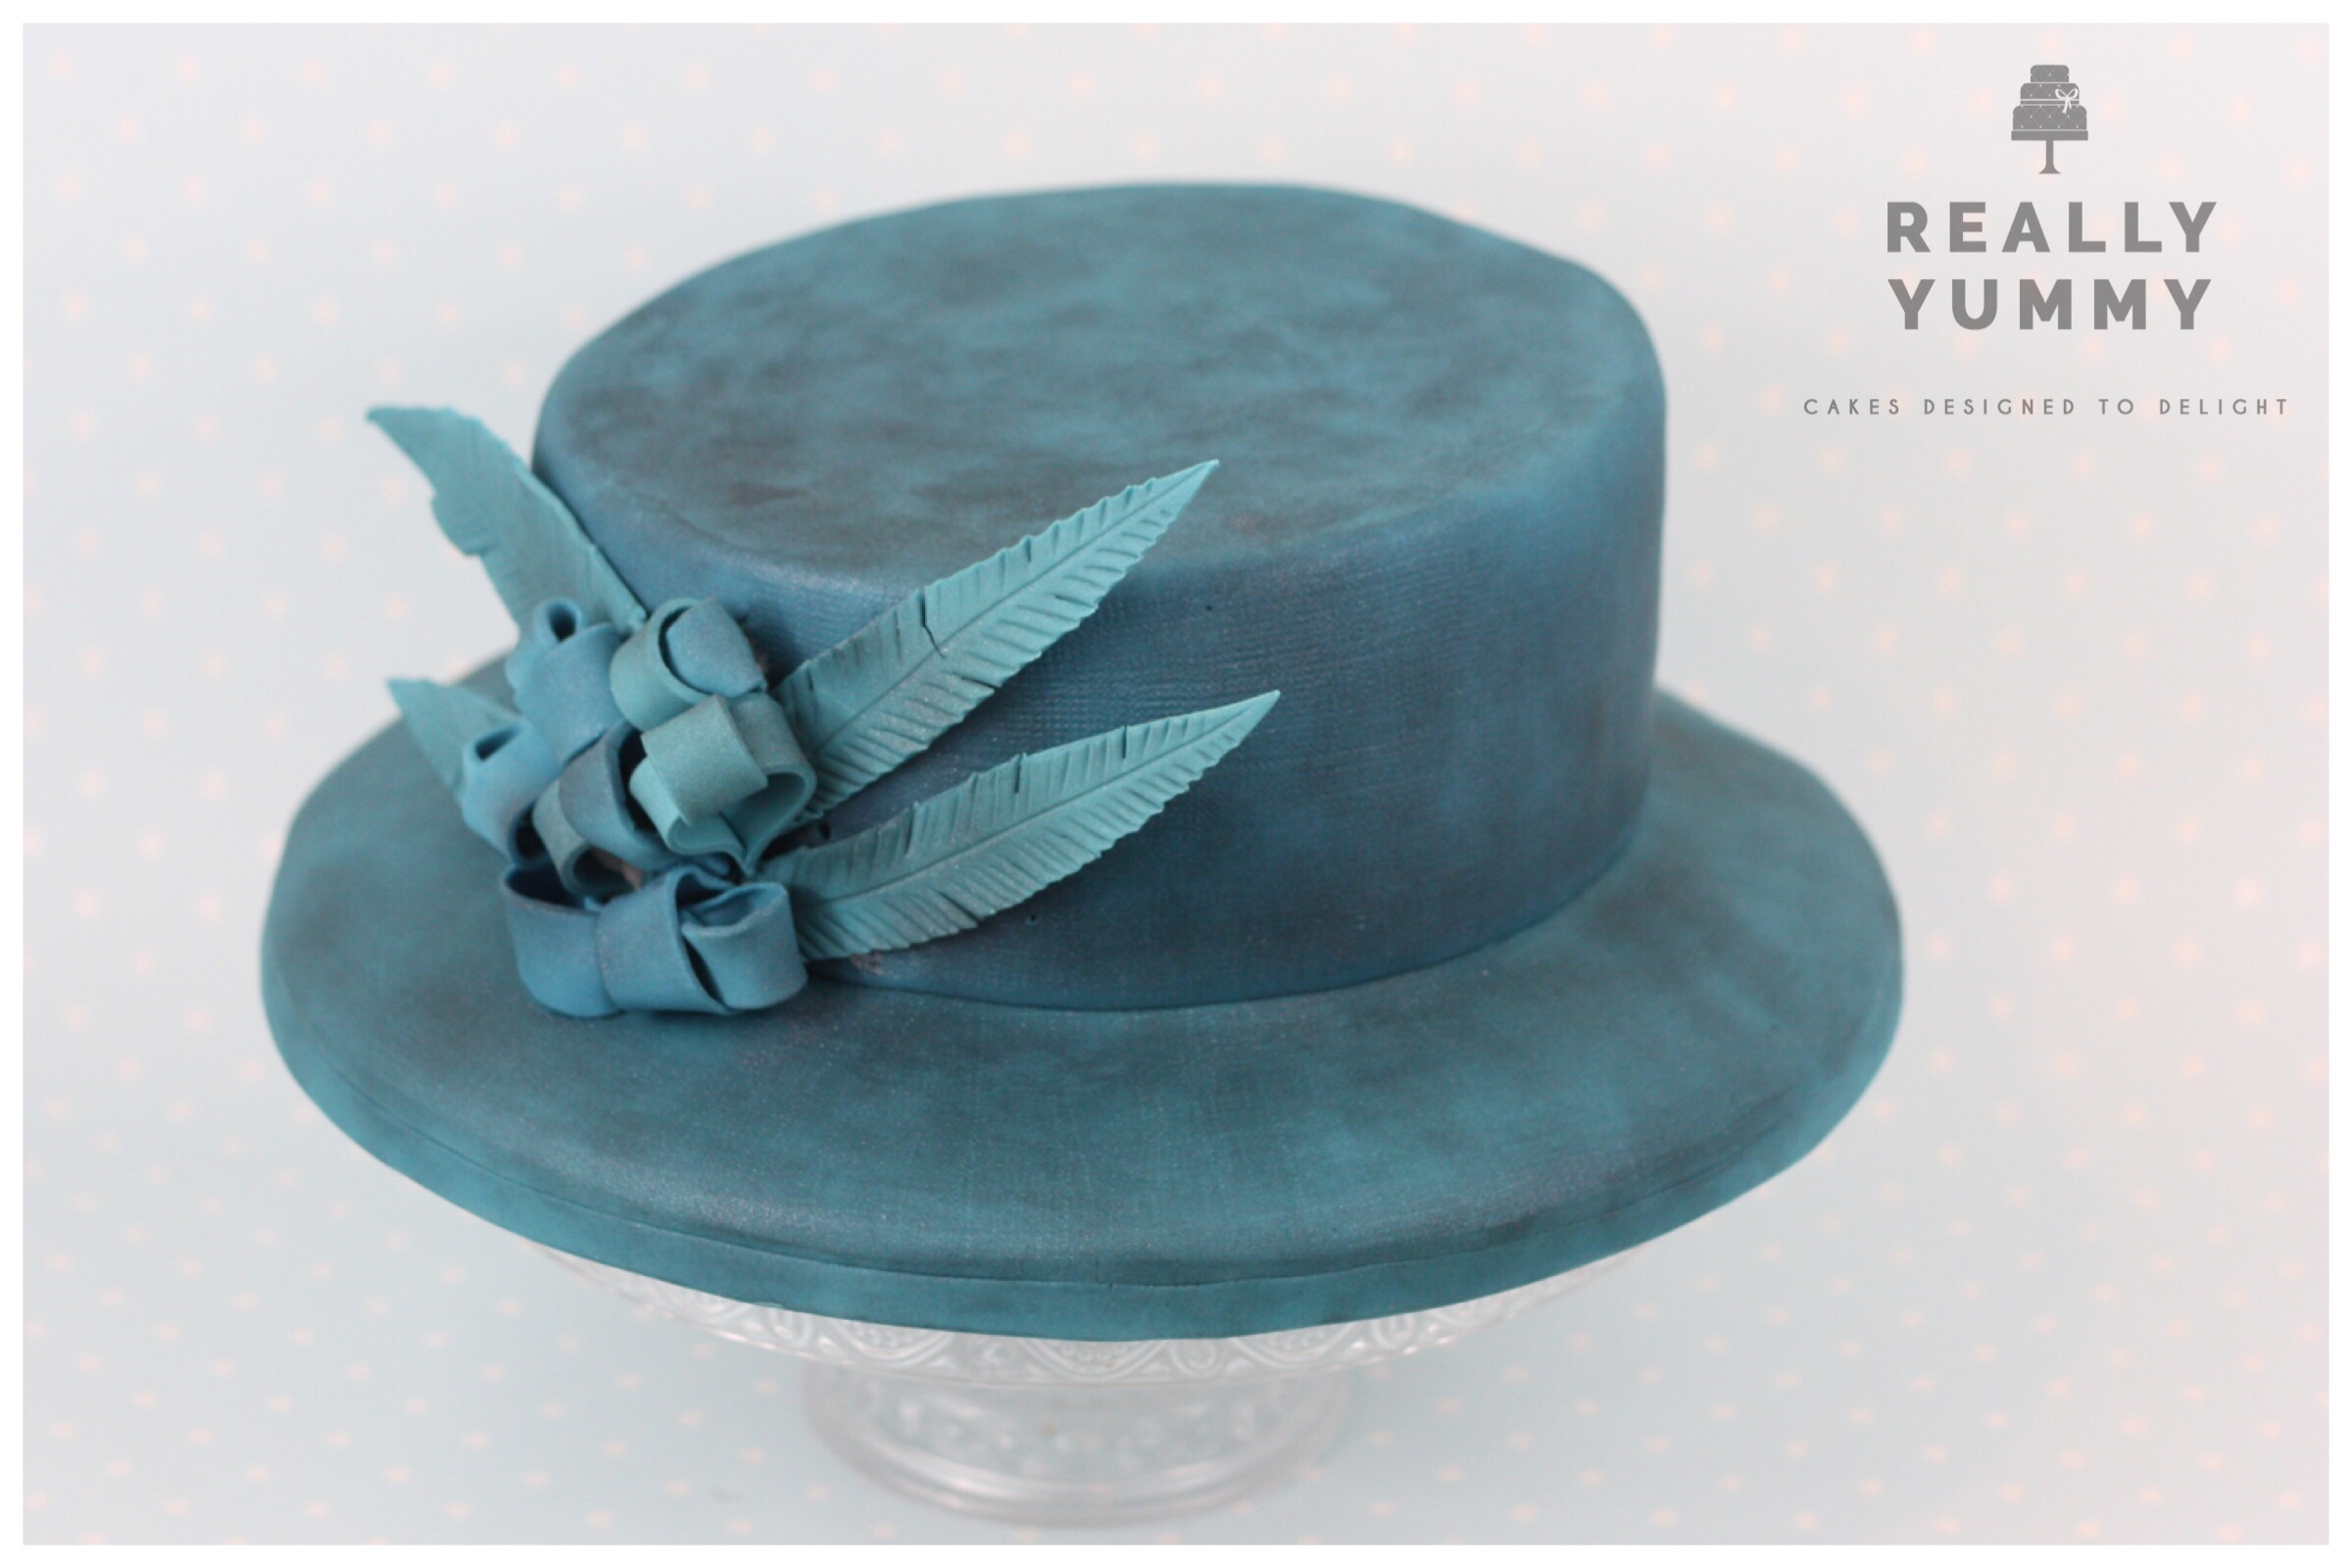 Queen's hat cake